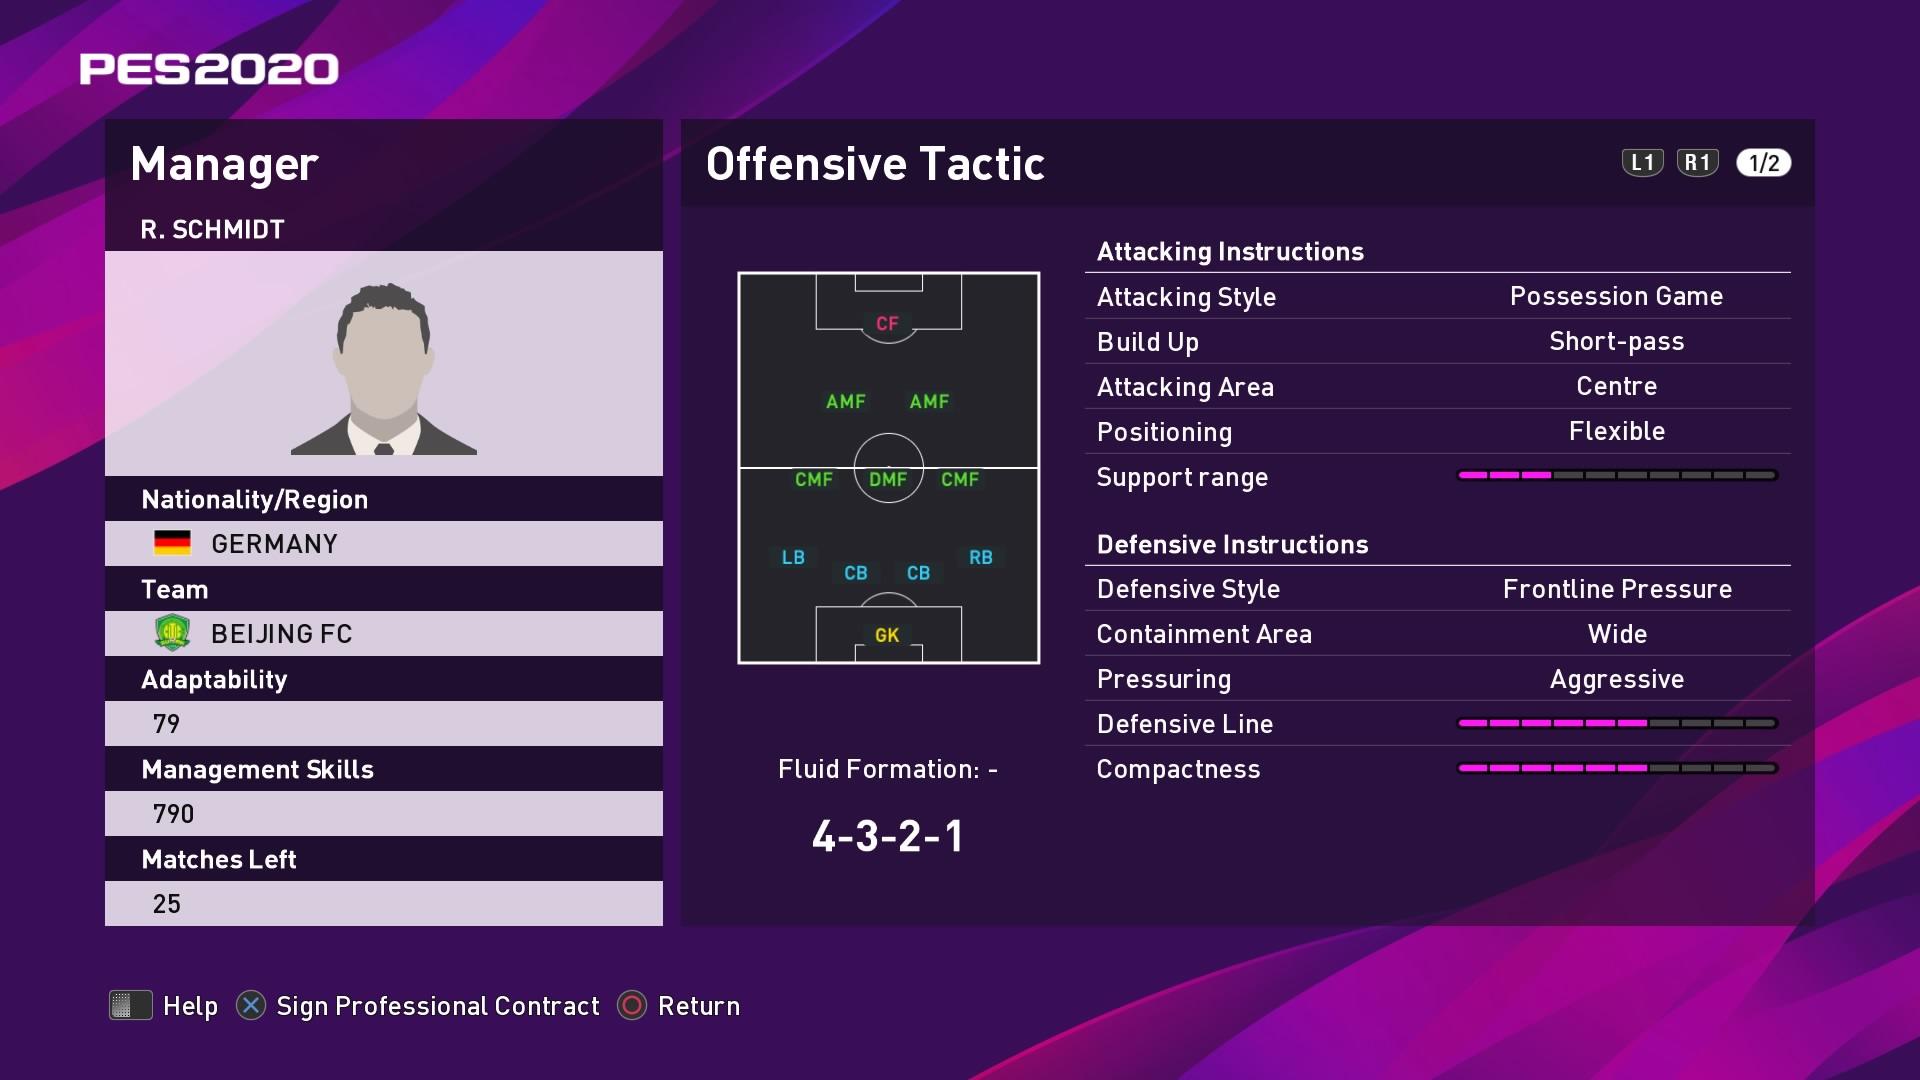 R. Schmidt (Roger Schmidt) Offensive Tactic in PES 2020 myClub